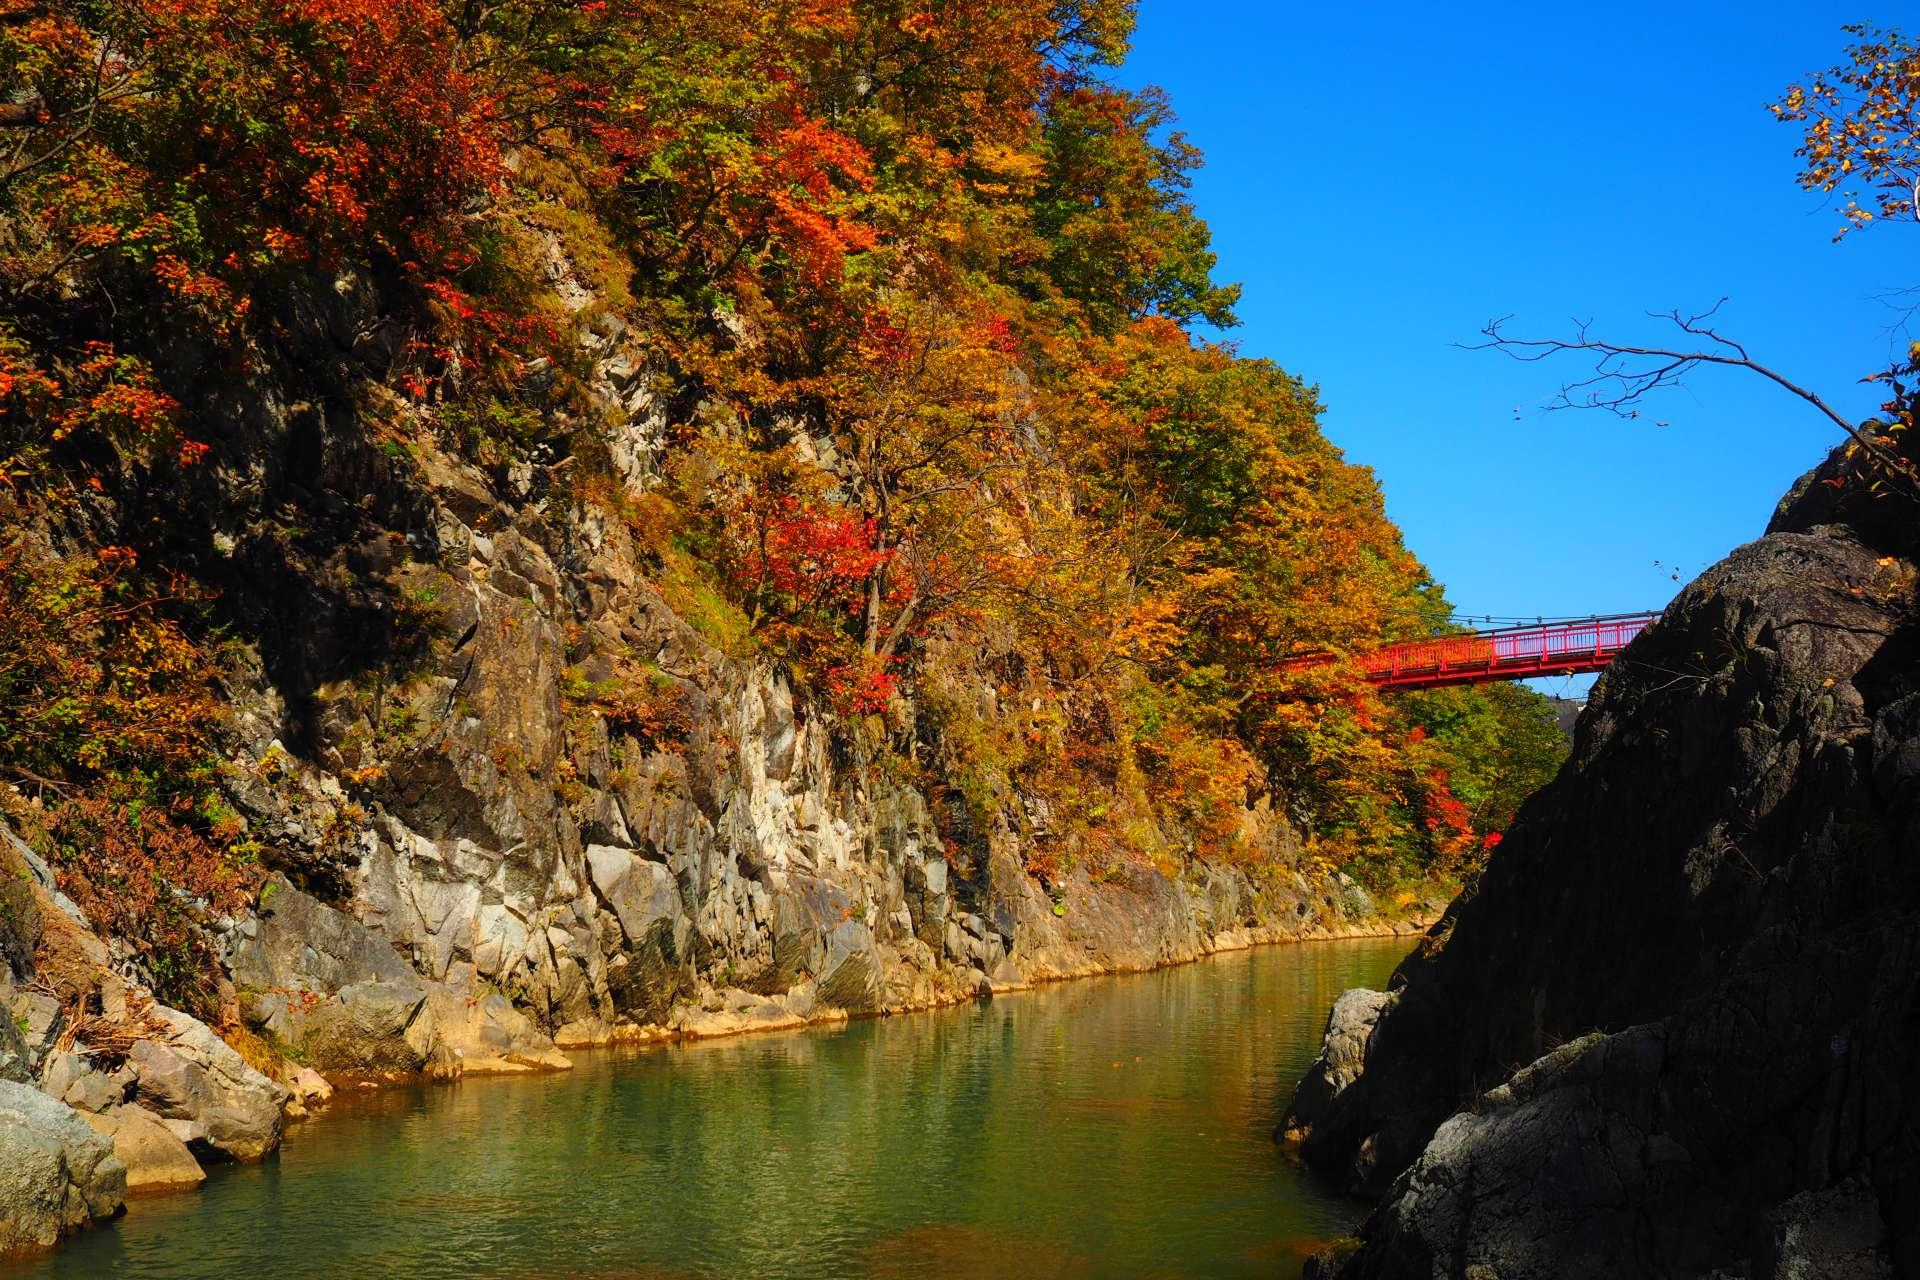 從河童淵欣賞朱紅色的二見吊橋